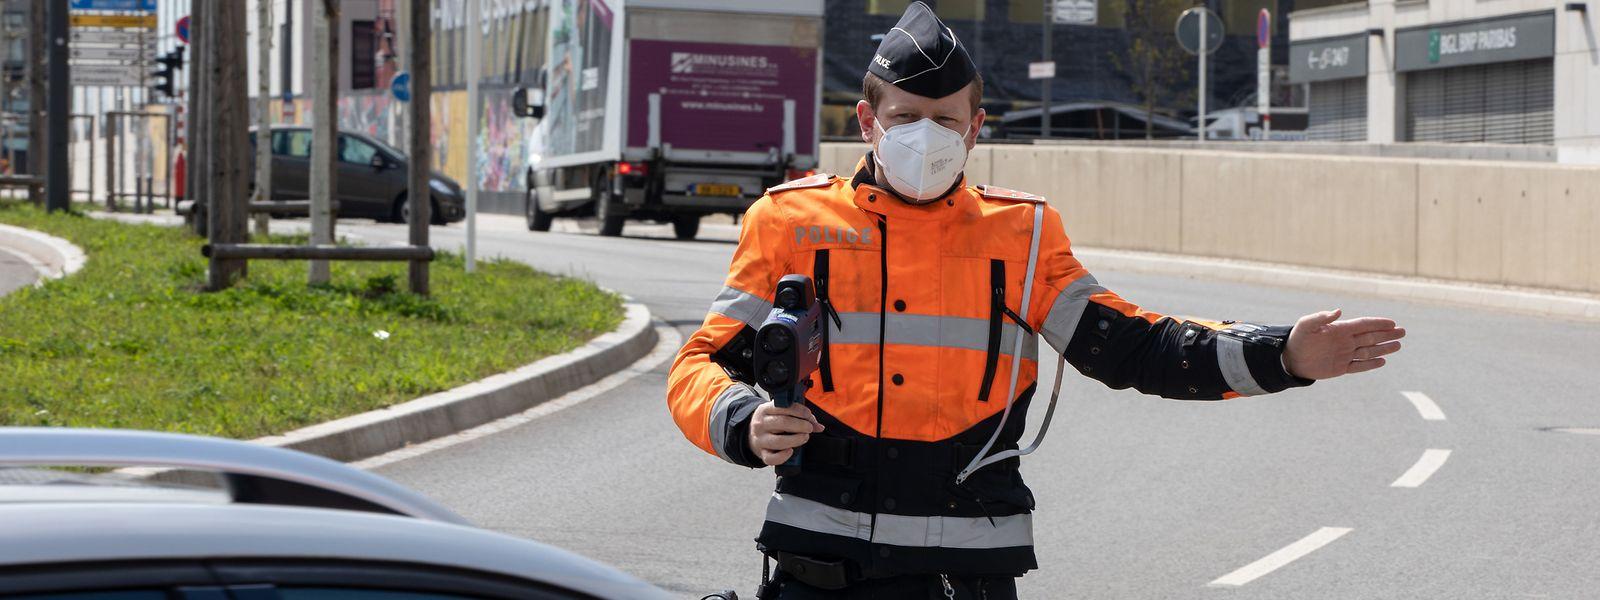 Rien qu'au cours du Speedmarathon du mercredi 21 avril, la police a distribué 424 amendes à des automobilistes en excès de vitesse.